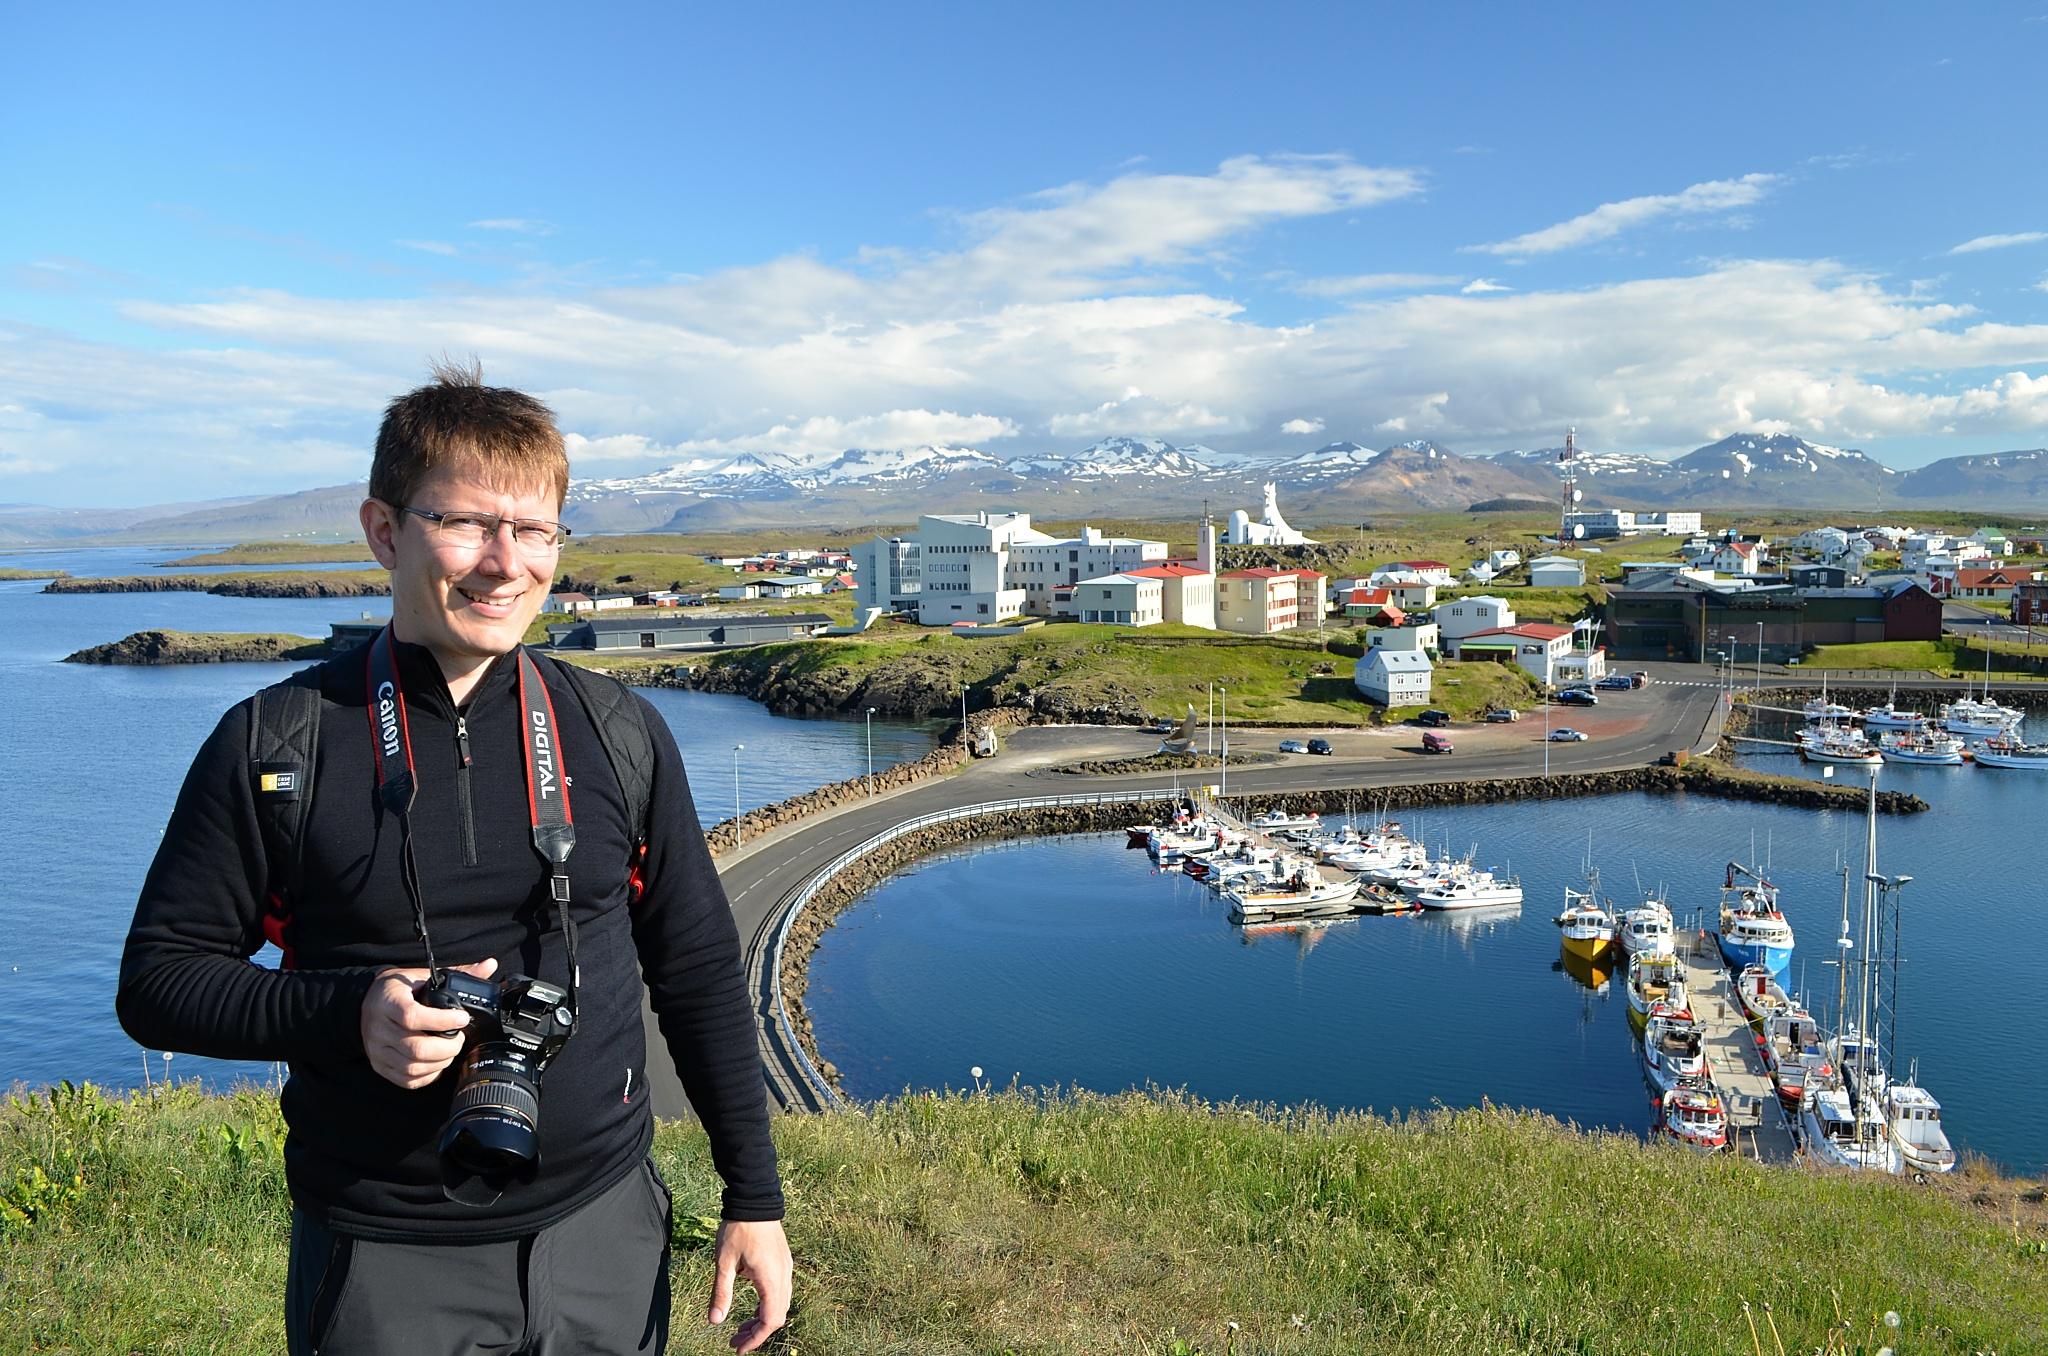 Celkový pohled na přístav Stykkishólmur.